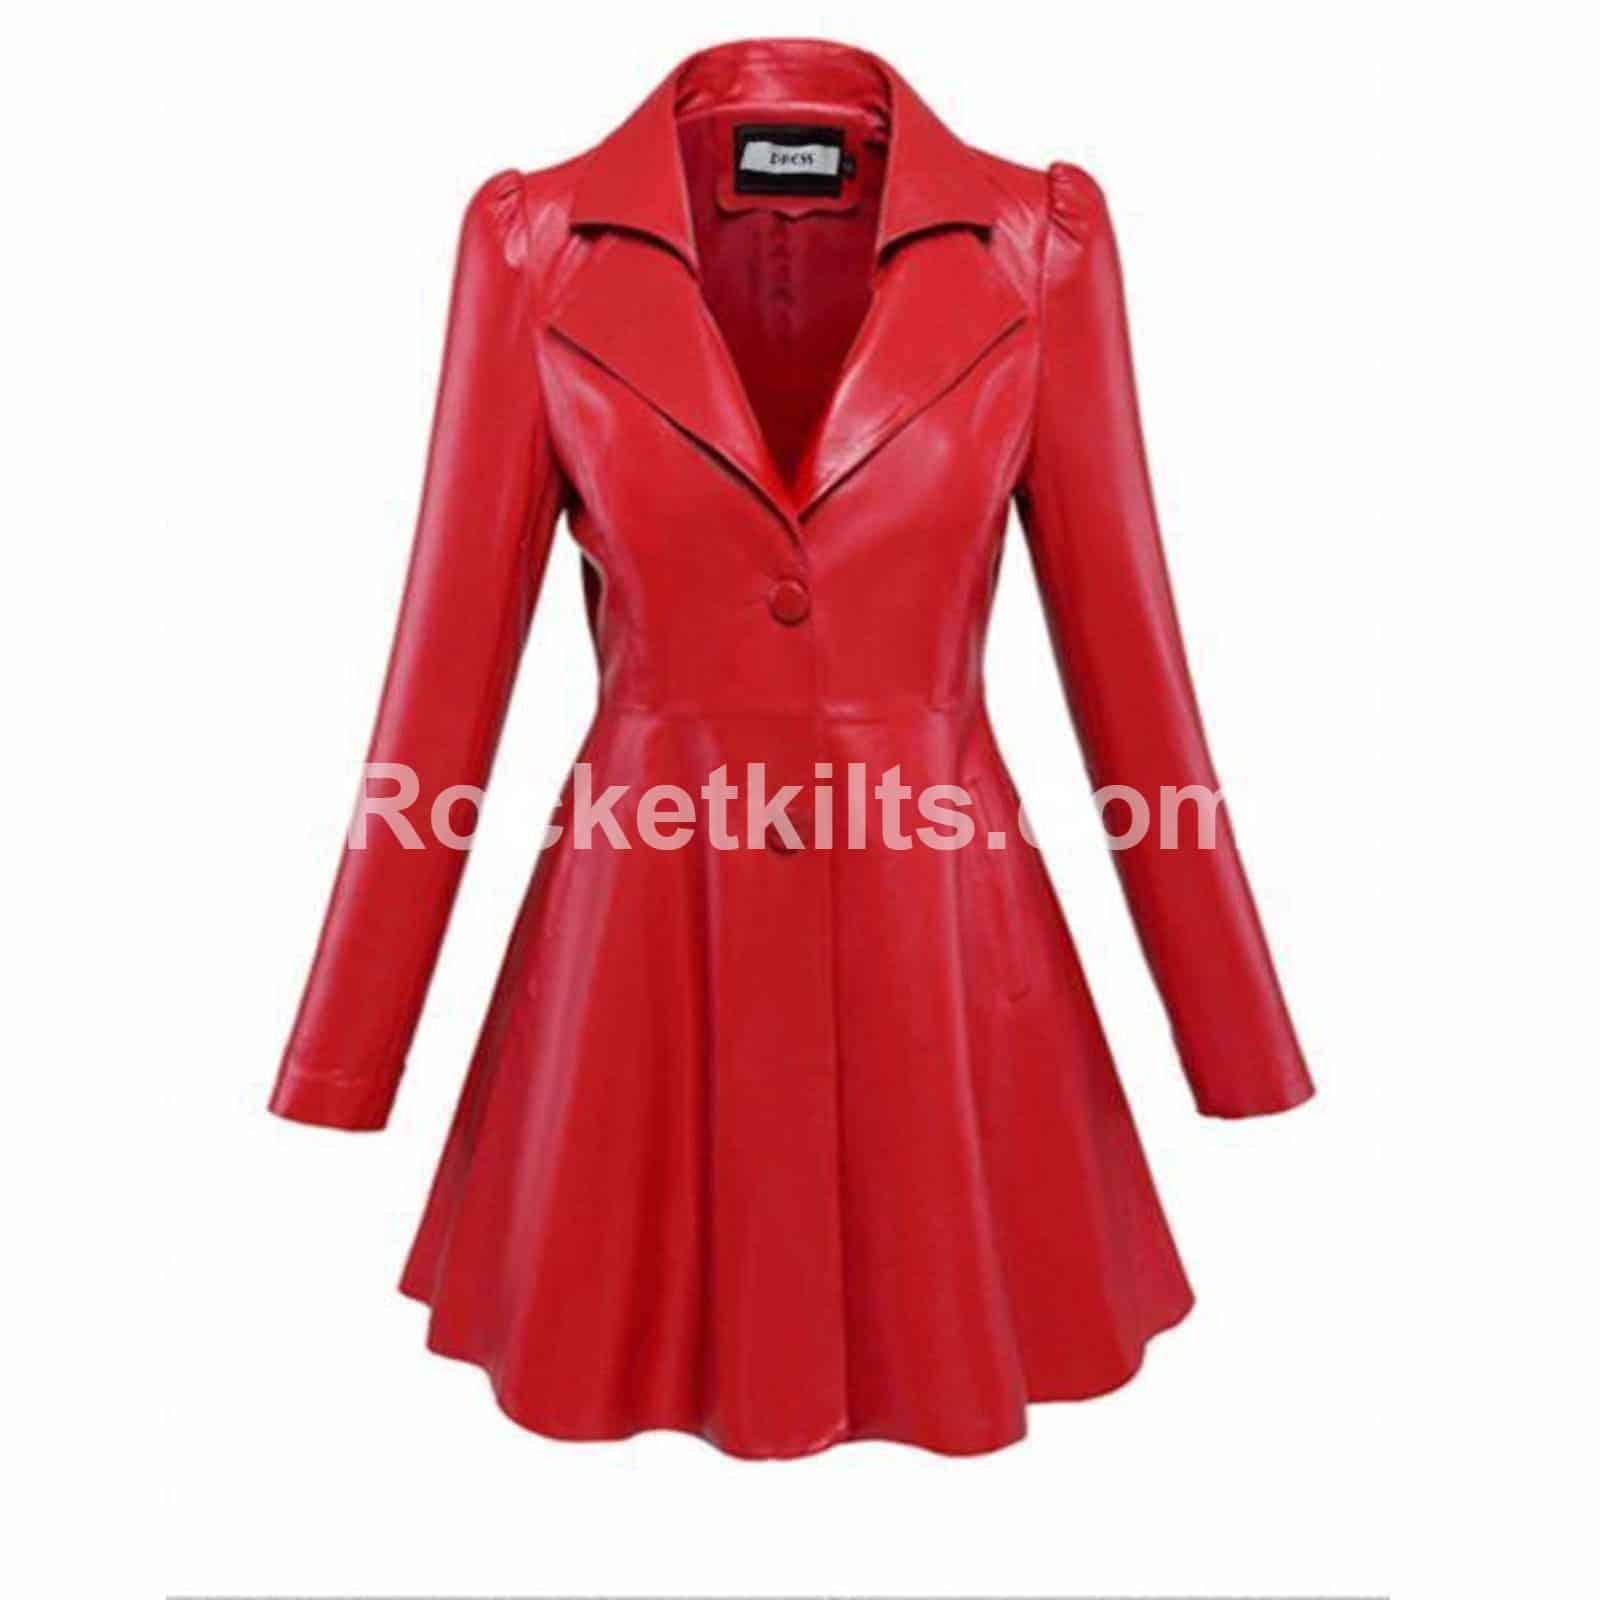 Lapel Collar Faux Leather Jacket Womens Blazer Sale 3fc4750fec01